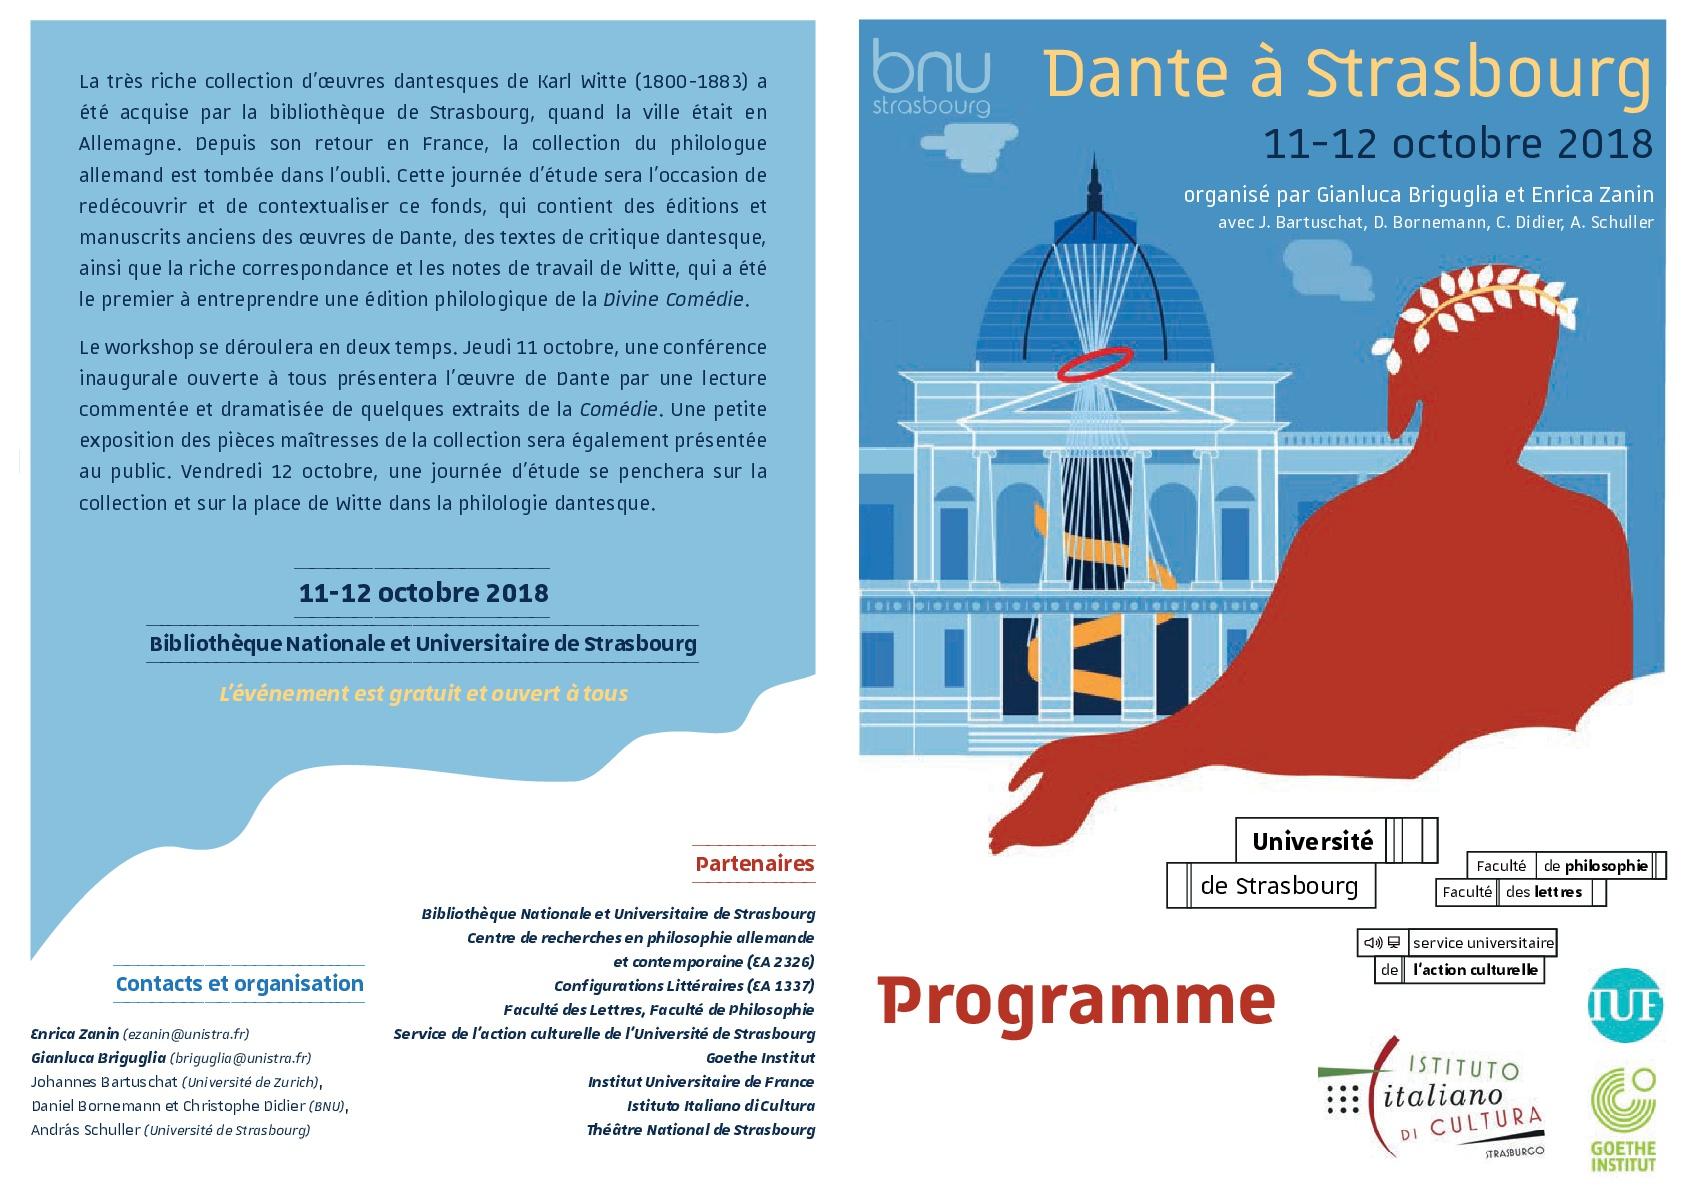 Program-Dante-Witte---RectoVerso-001